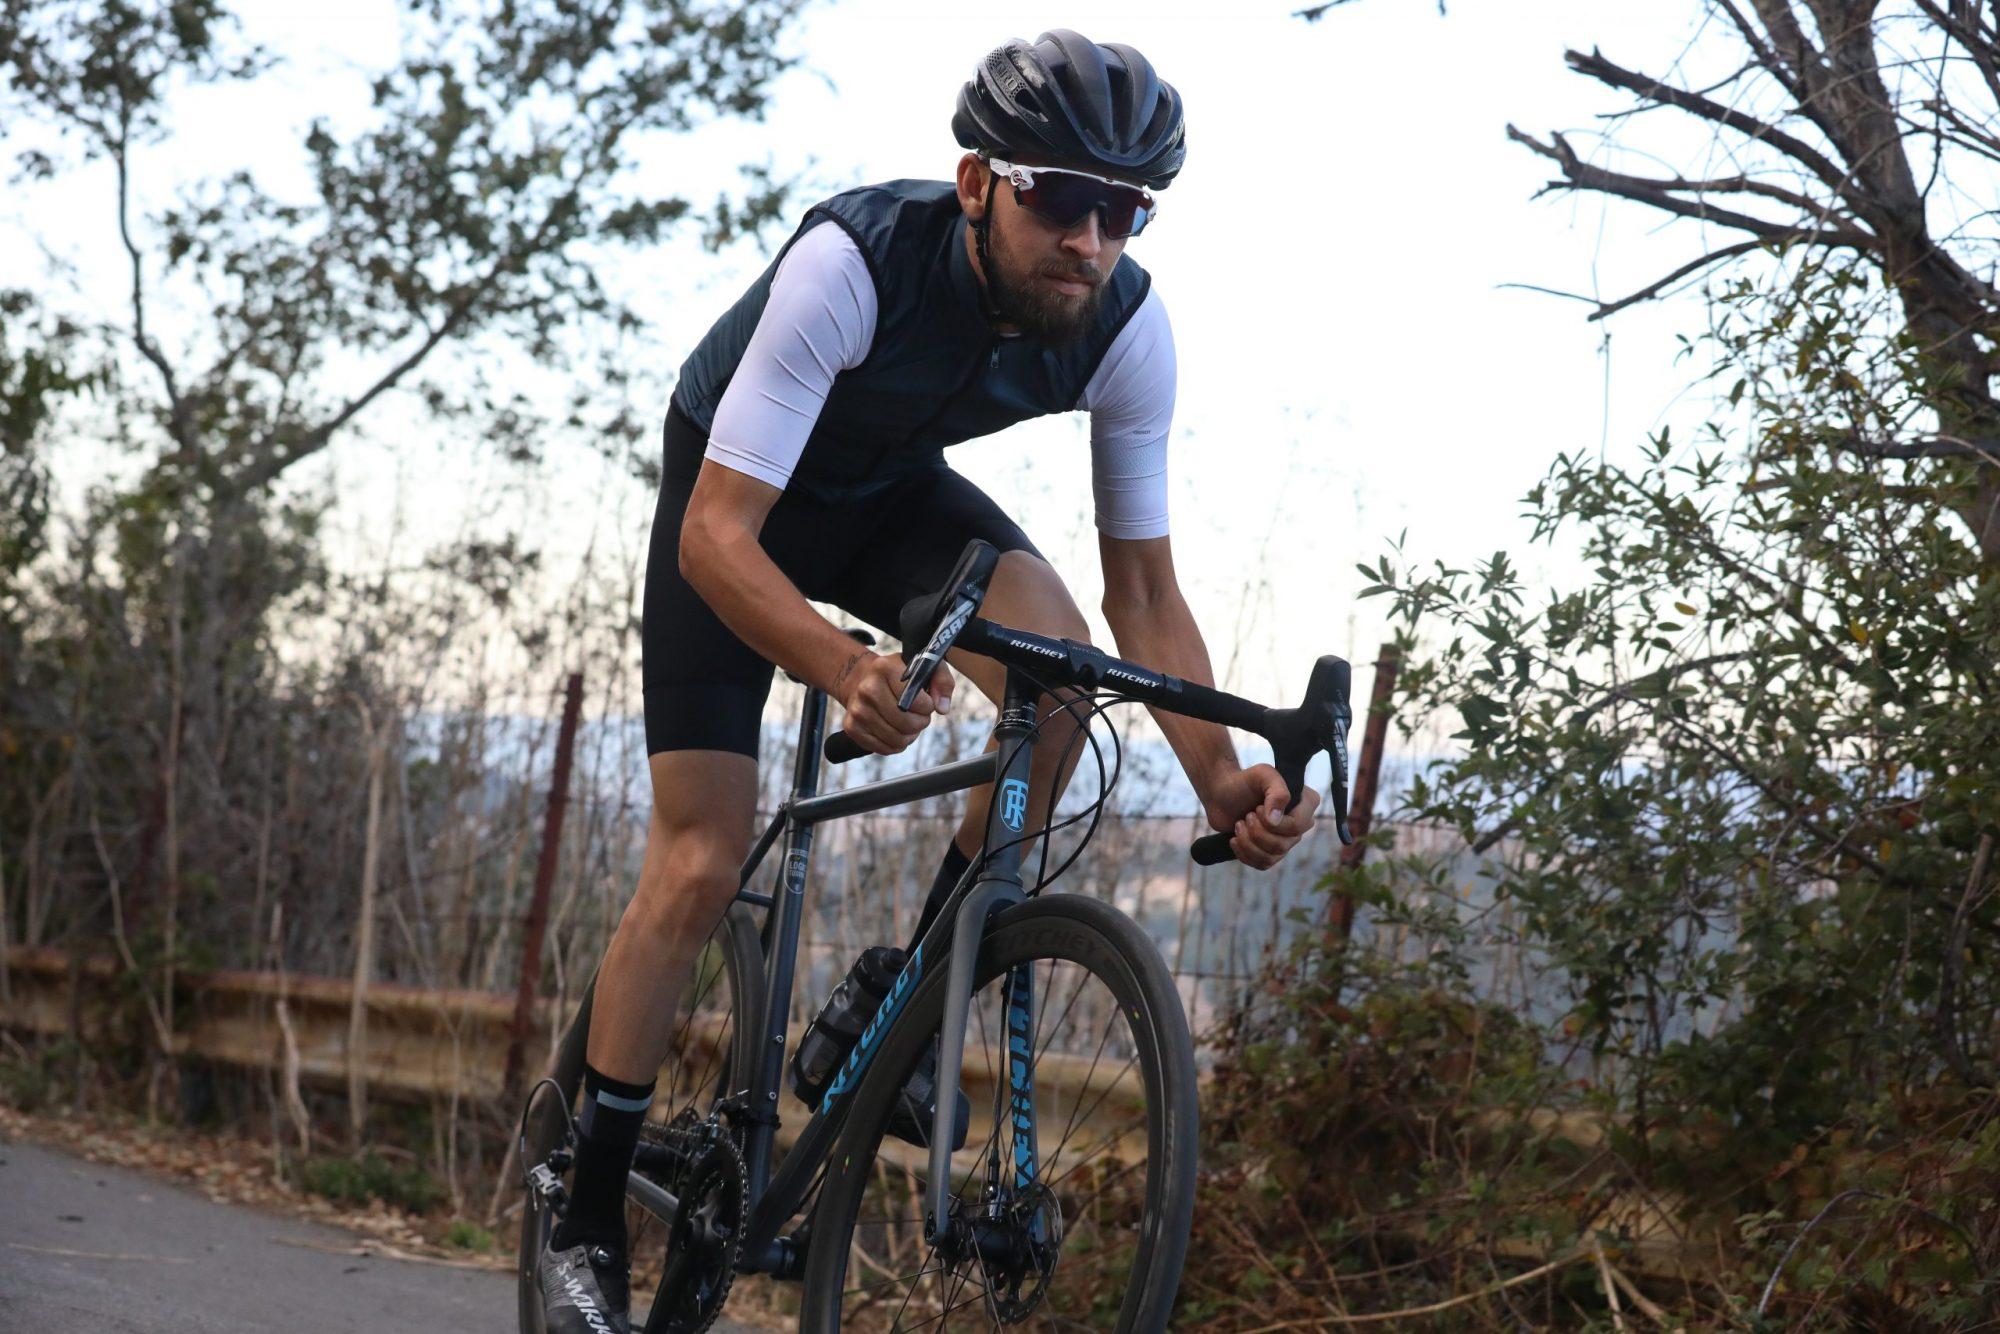 Ritchey-fietsen en framesets: welk model past bij u?